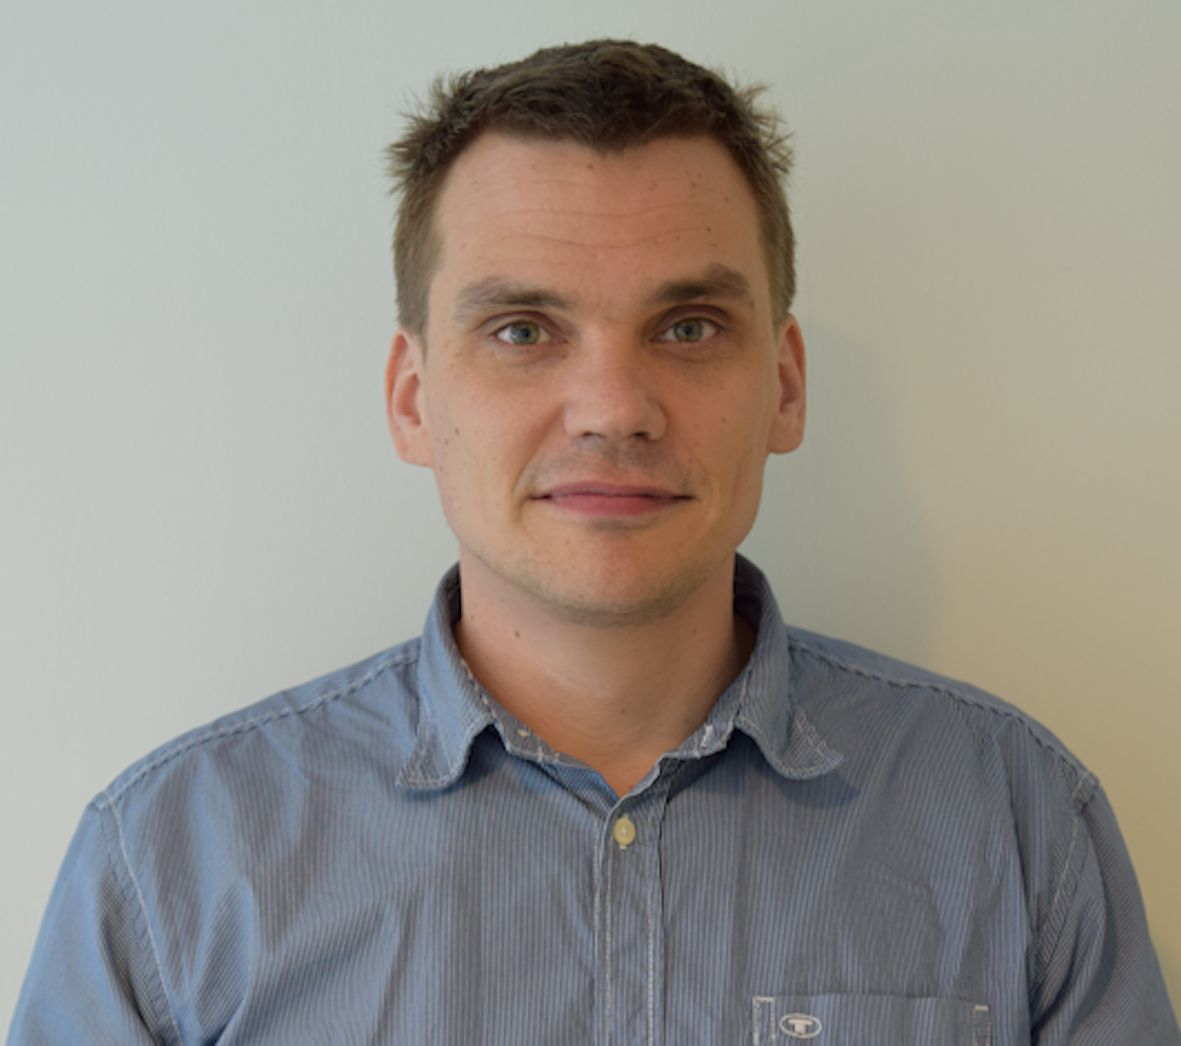 Tutkimusjohtaja, Timo Nieminen